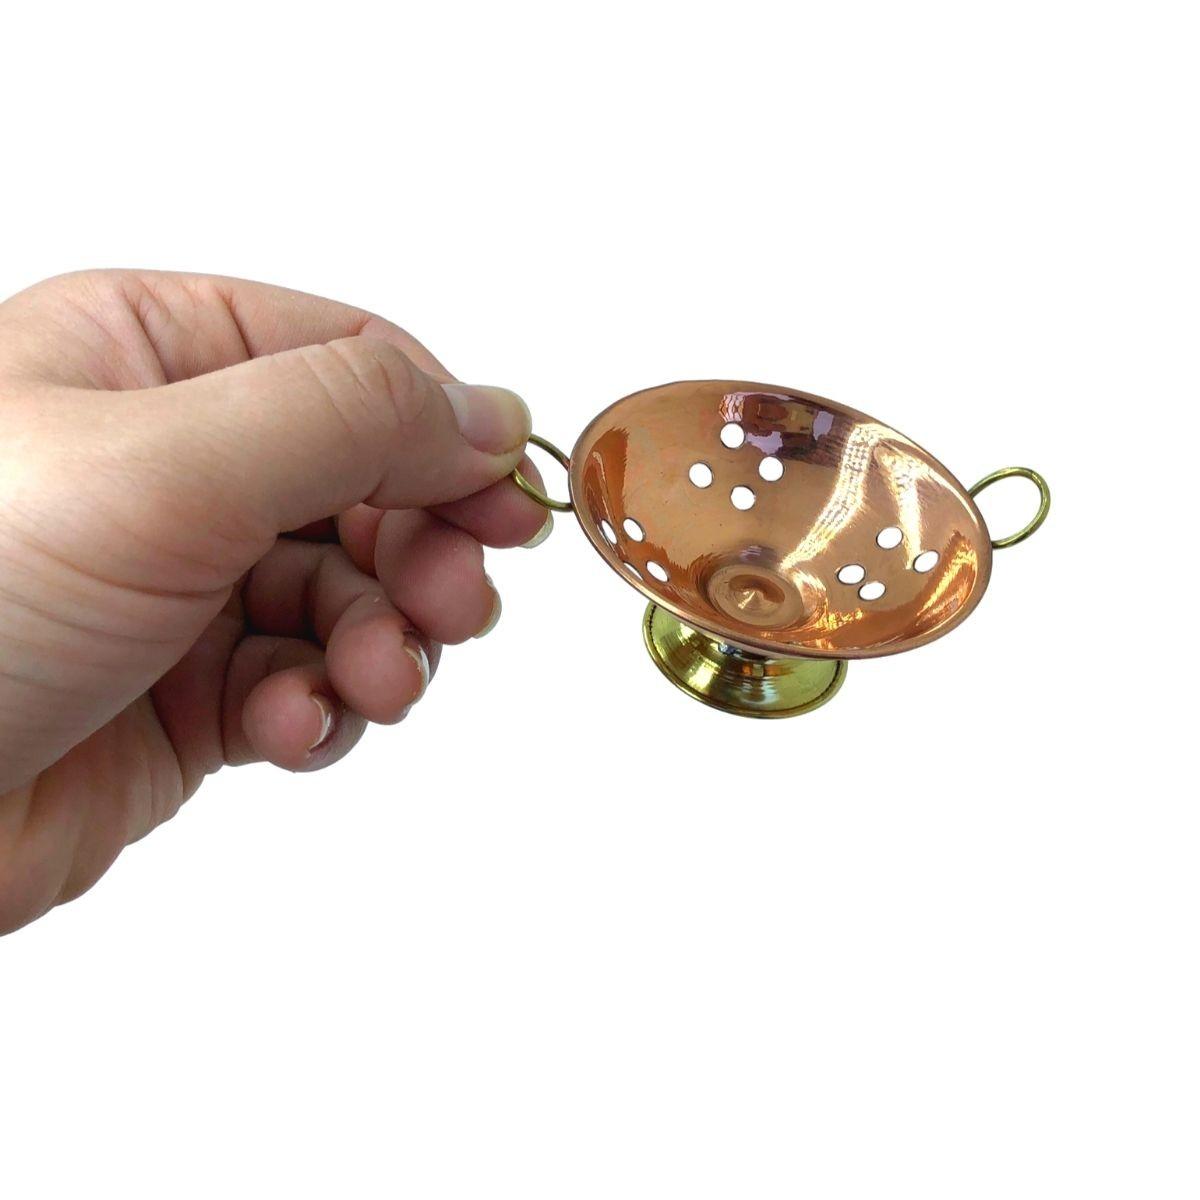 Escorredor em cobre Miniatura Mod. 2